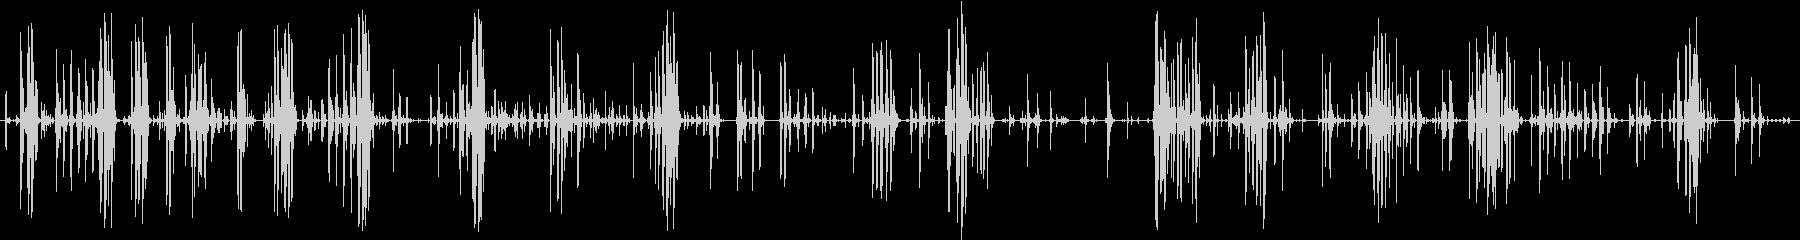 家庭 カップガラガラハード01の未再生の波形